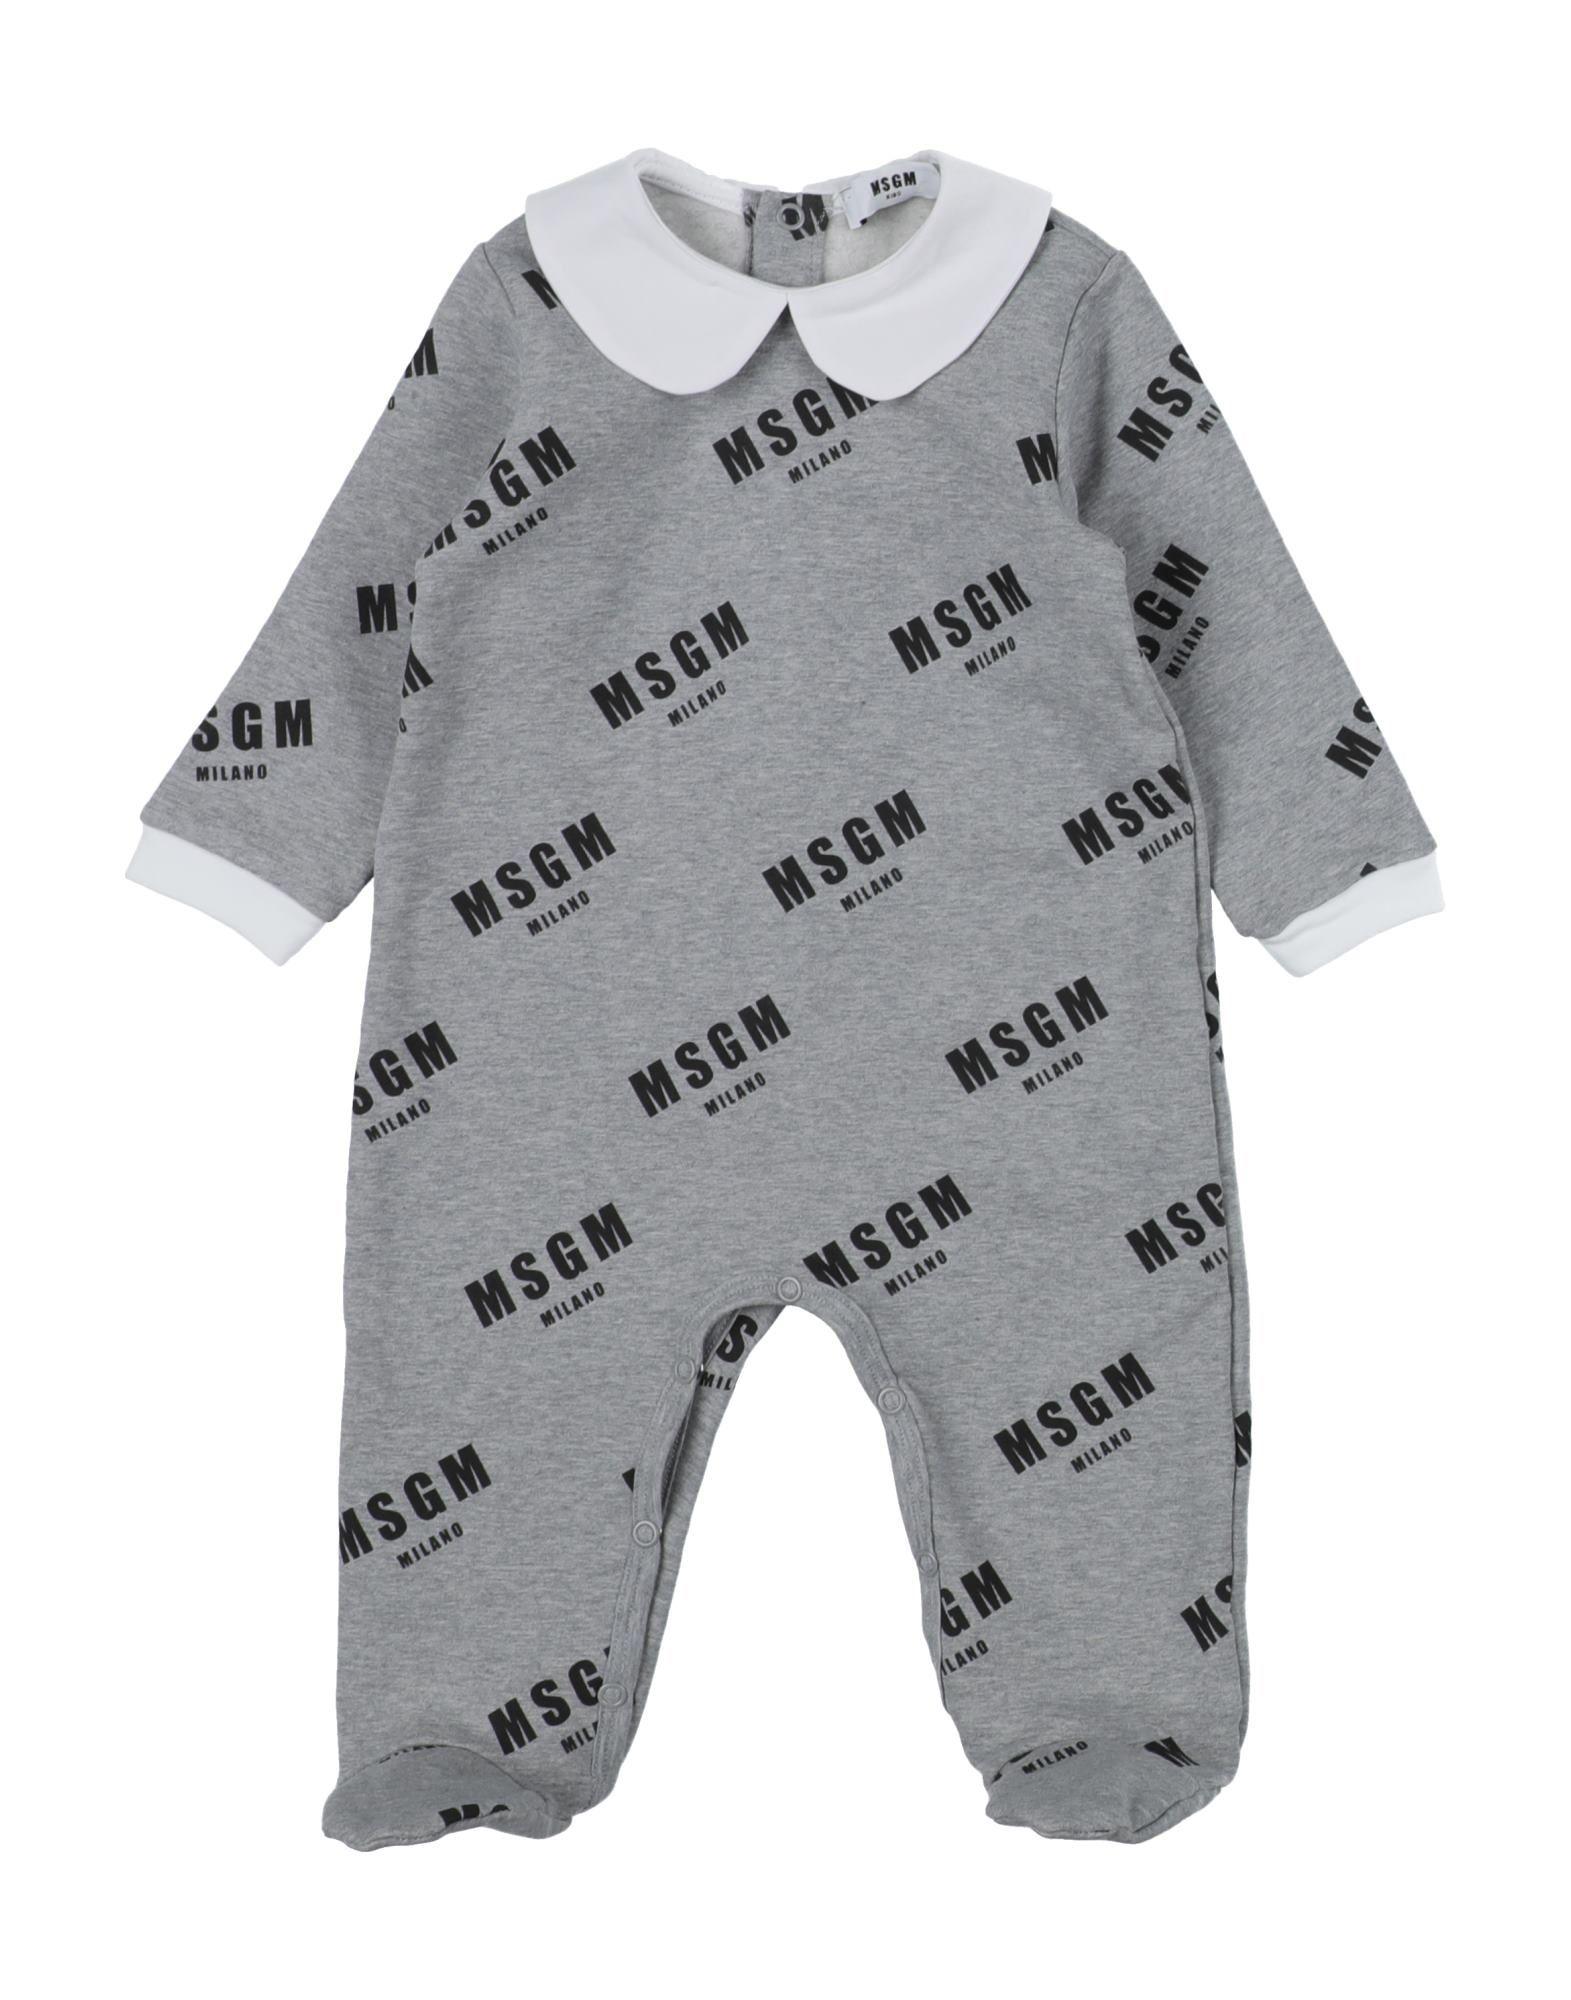 YOOX.COM(ユークス)《セール開催中》MSGM ボーイズ 0-24 ヶ月 乳幼児用ロンパース グレー 9 コットン 94% / ポリウレタン 6%